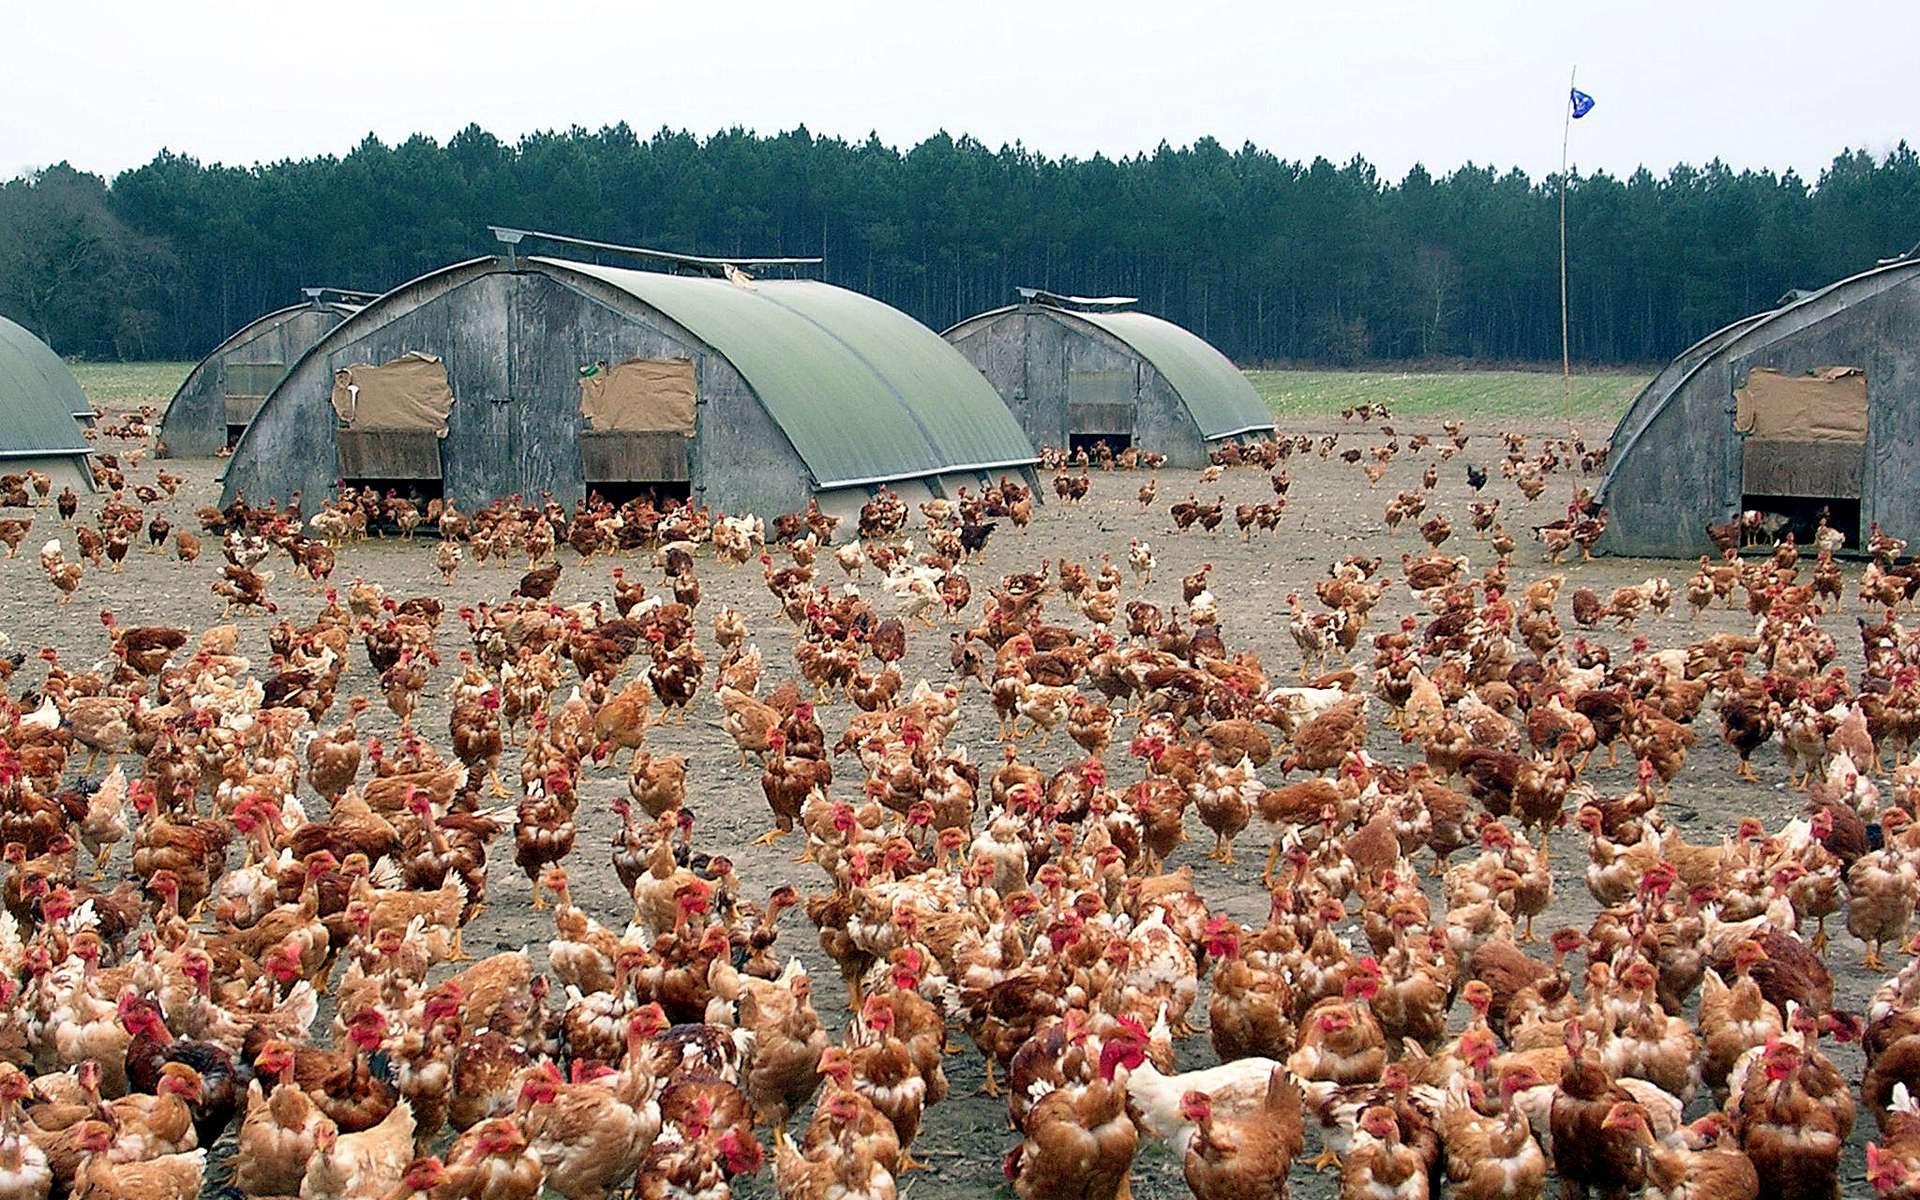 La grippe aviaire peut toucher des oiseaux domestiques et des oiseaux sauvages. © Jibi44, Wikimedia Commons